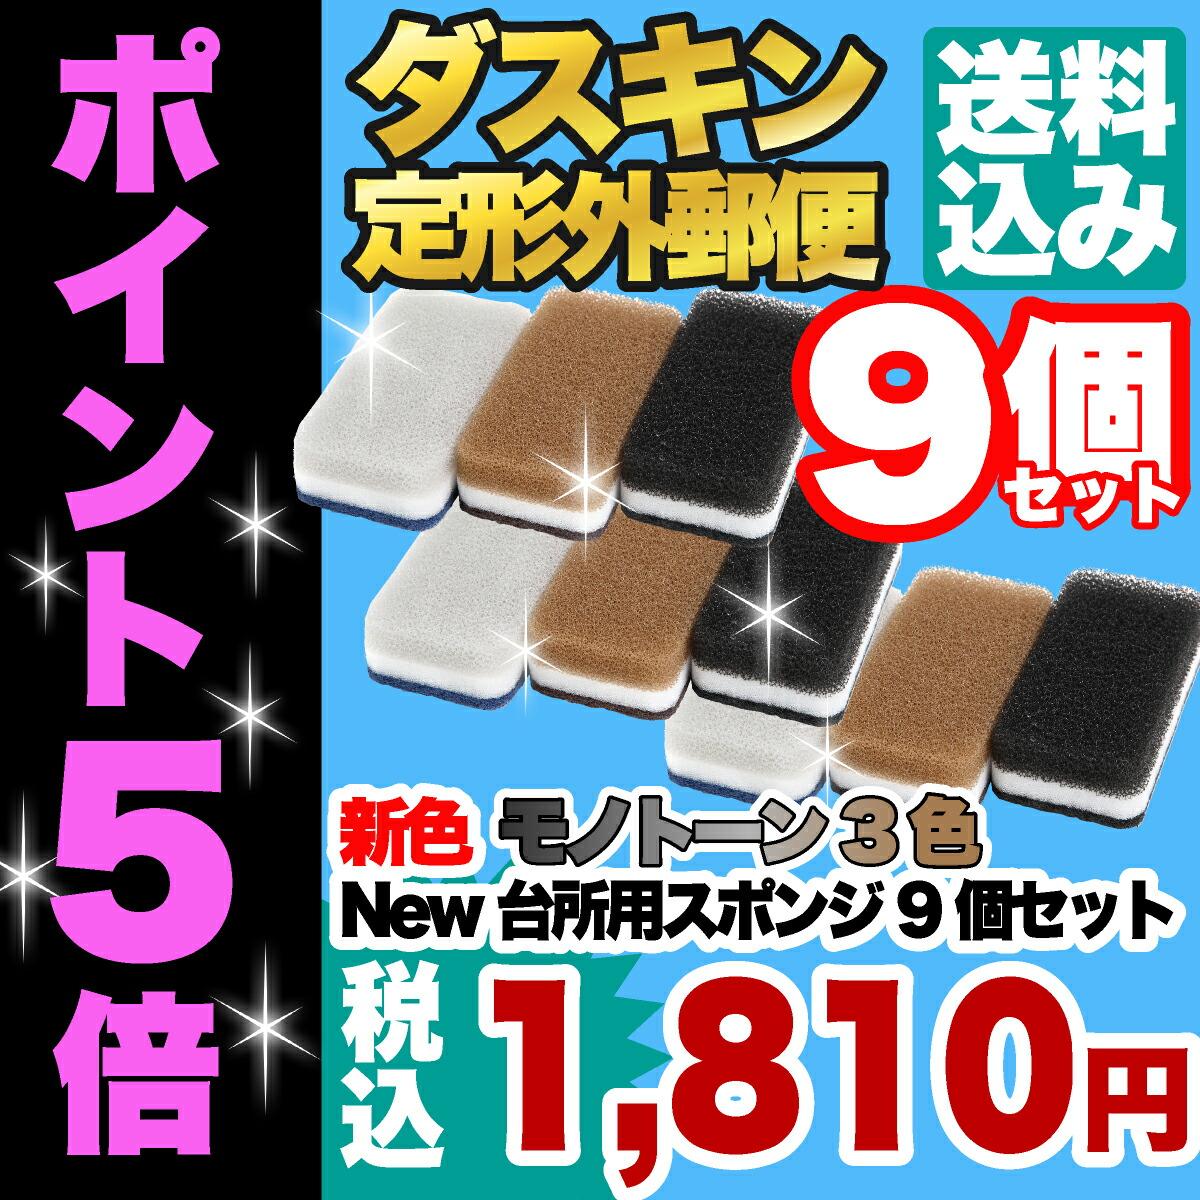 新色モノトーンダスキン台所用3色スポンジ9個セット